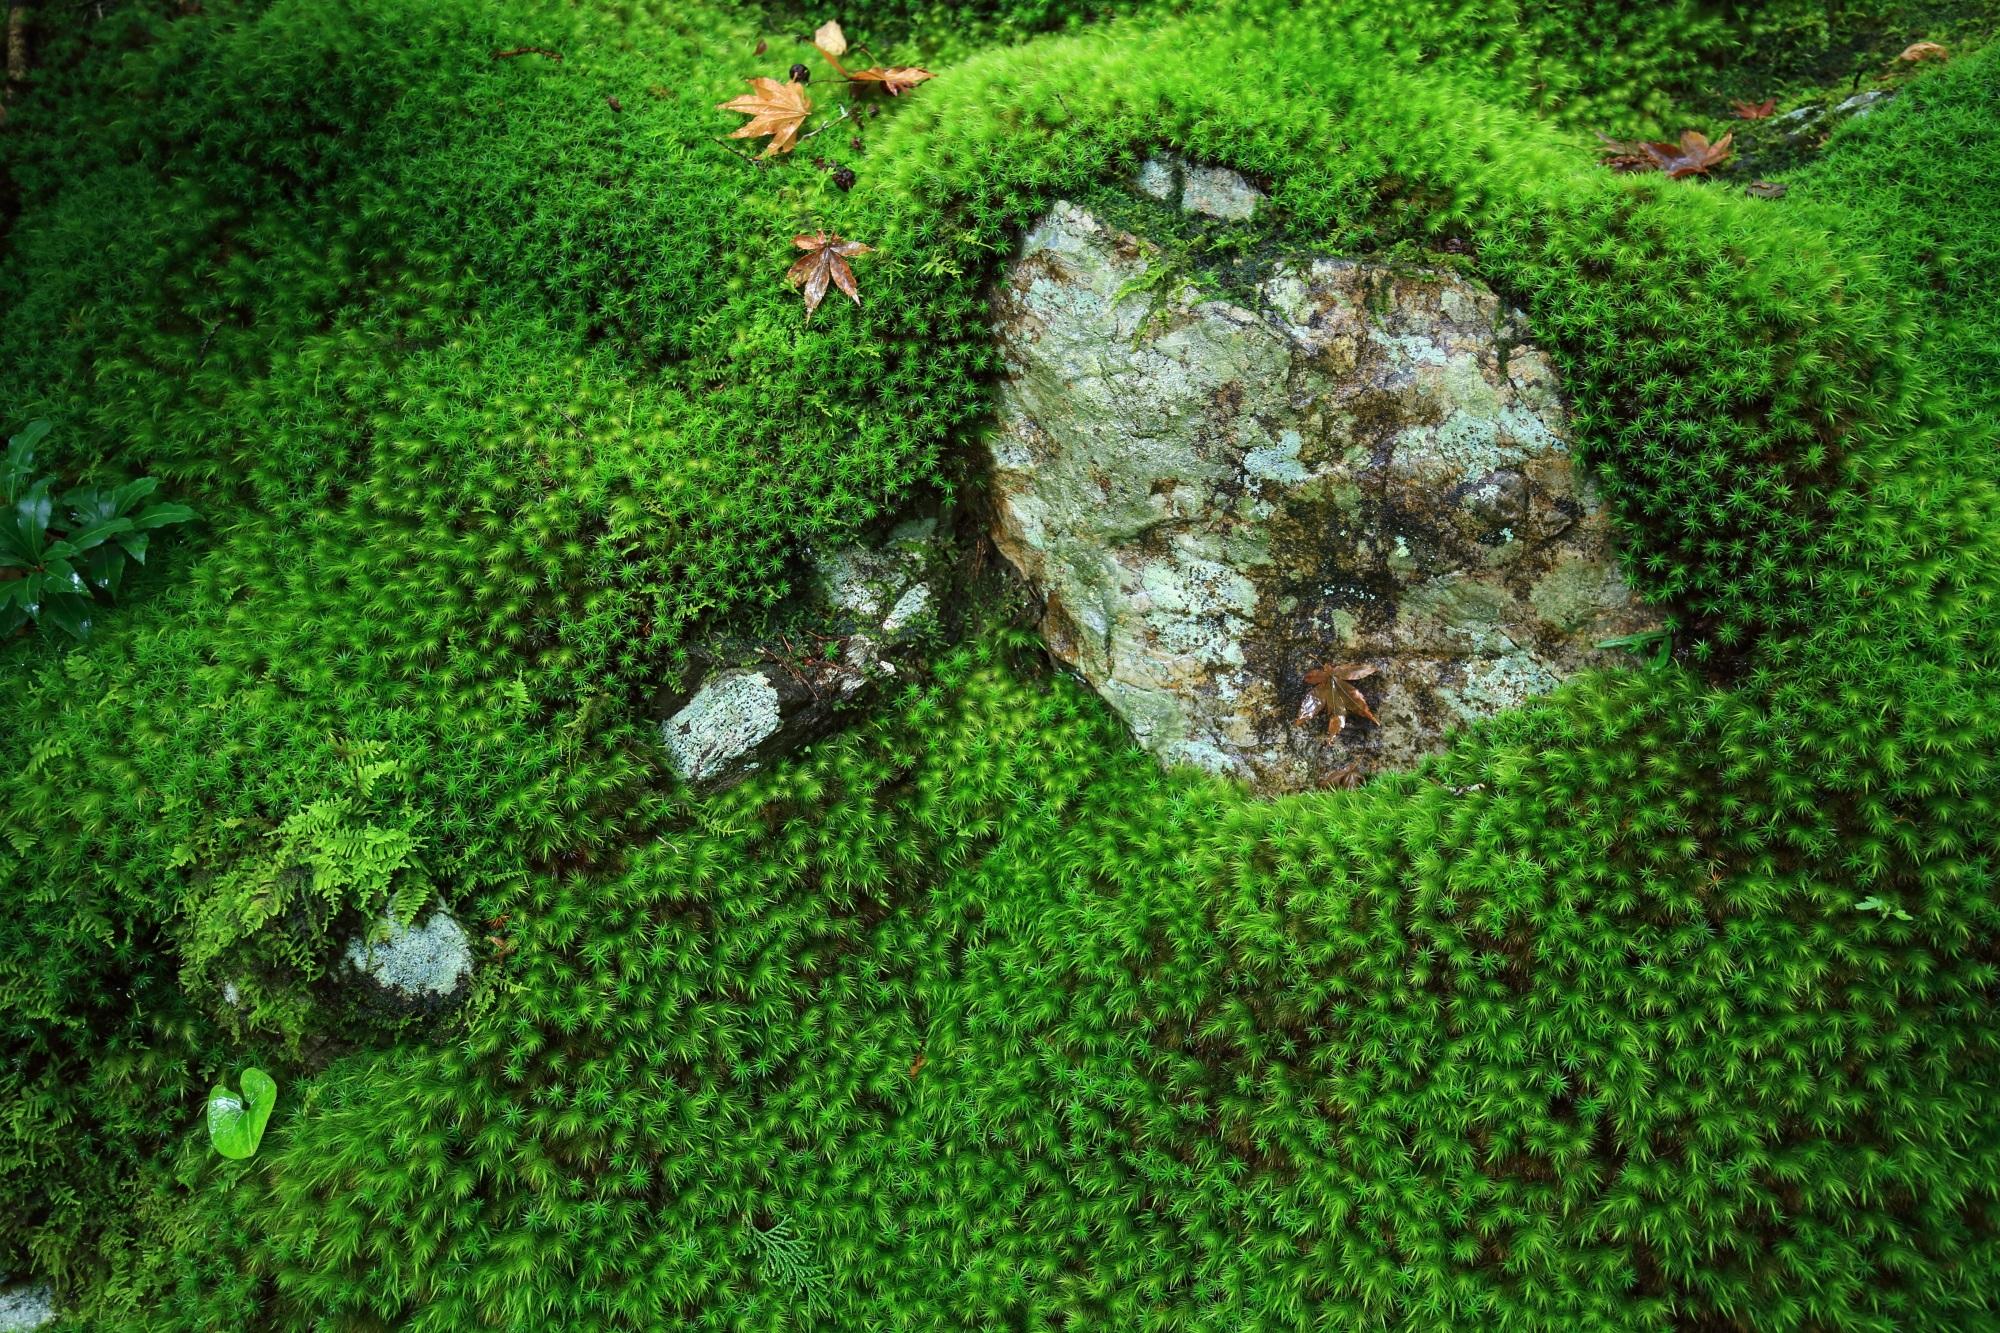 常寂光寺の本堂前石段付近の緑の苔